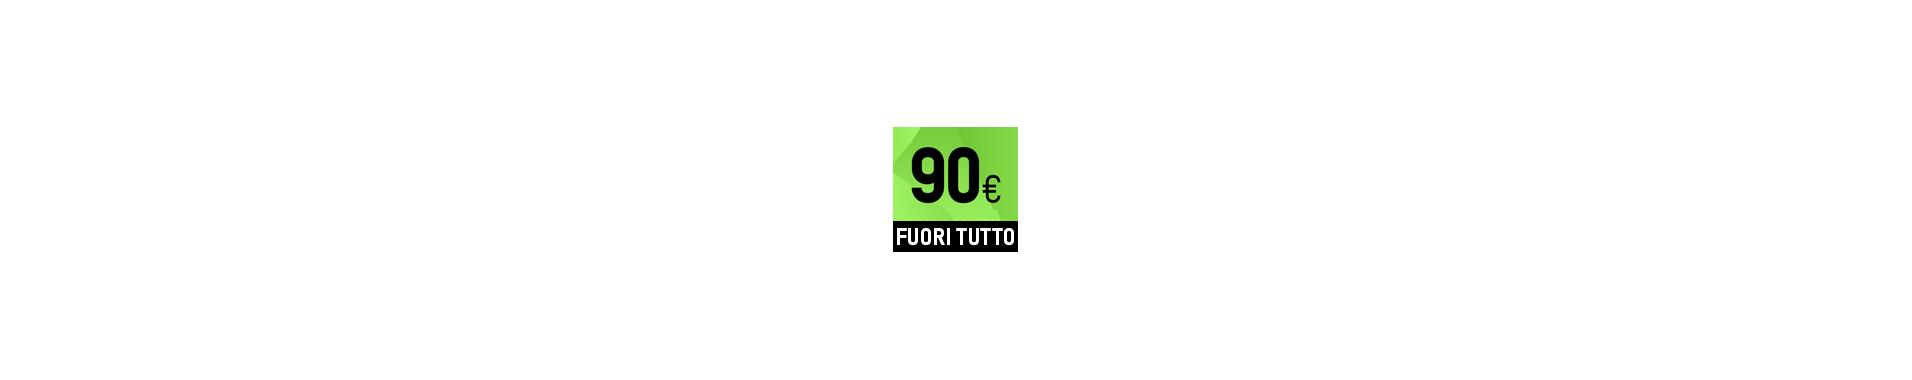 FUORI TUTTO A € 90